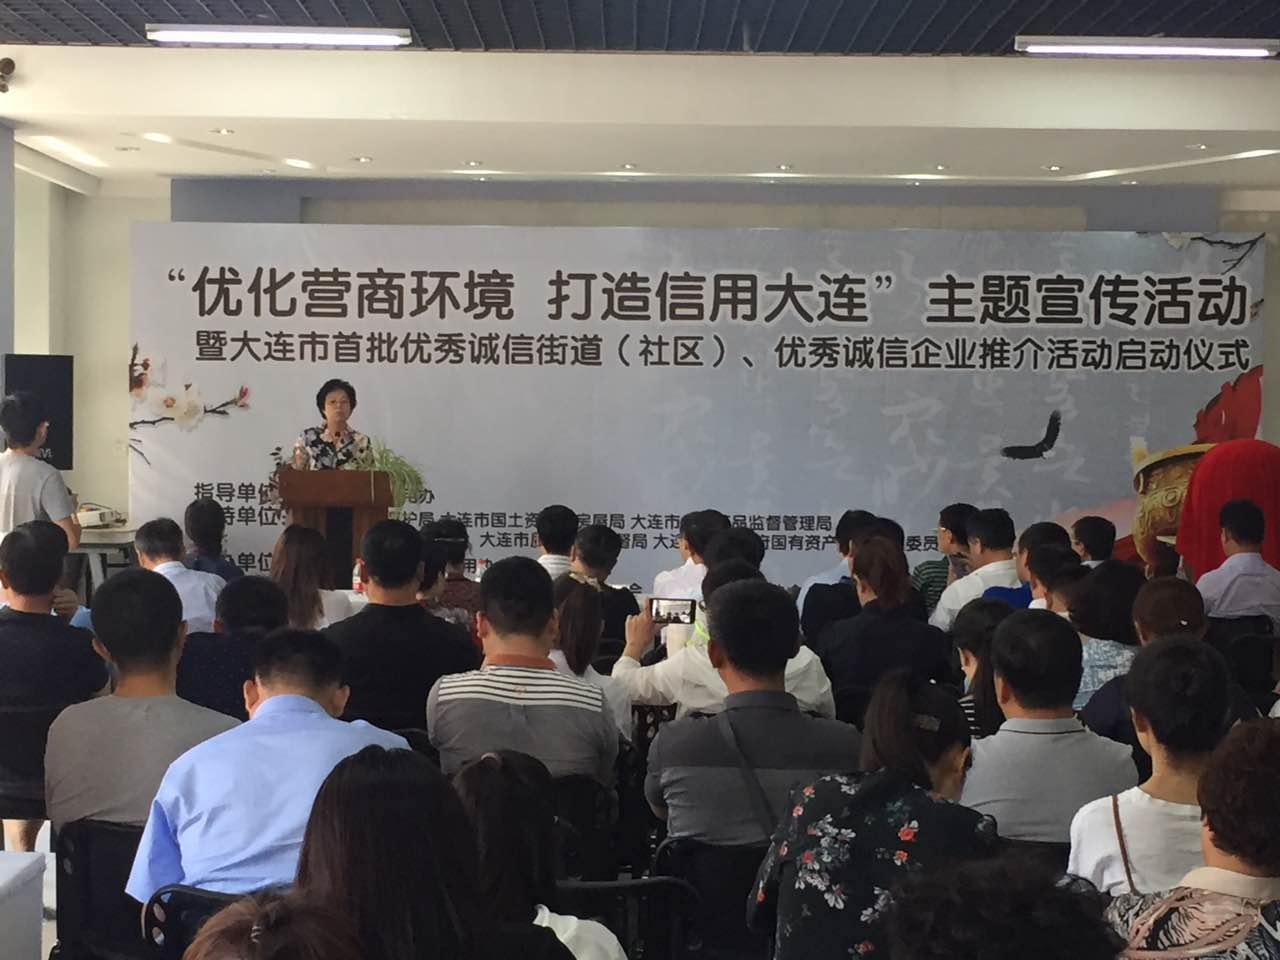 大连市信用协会老领导于桂荣在讲话中